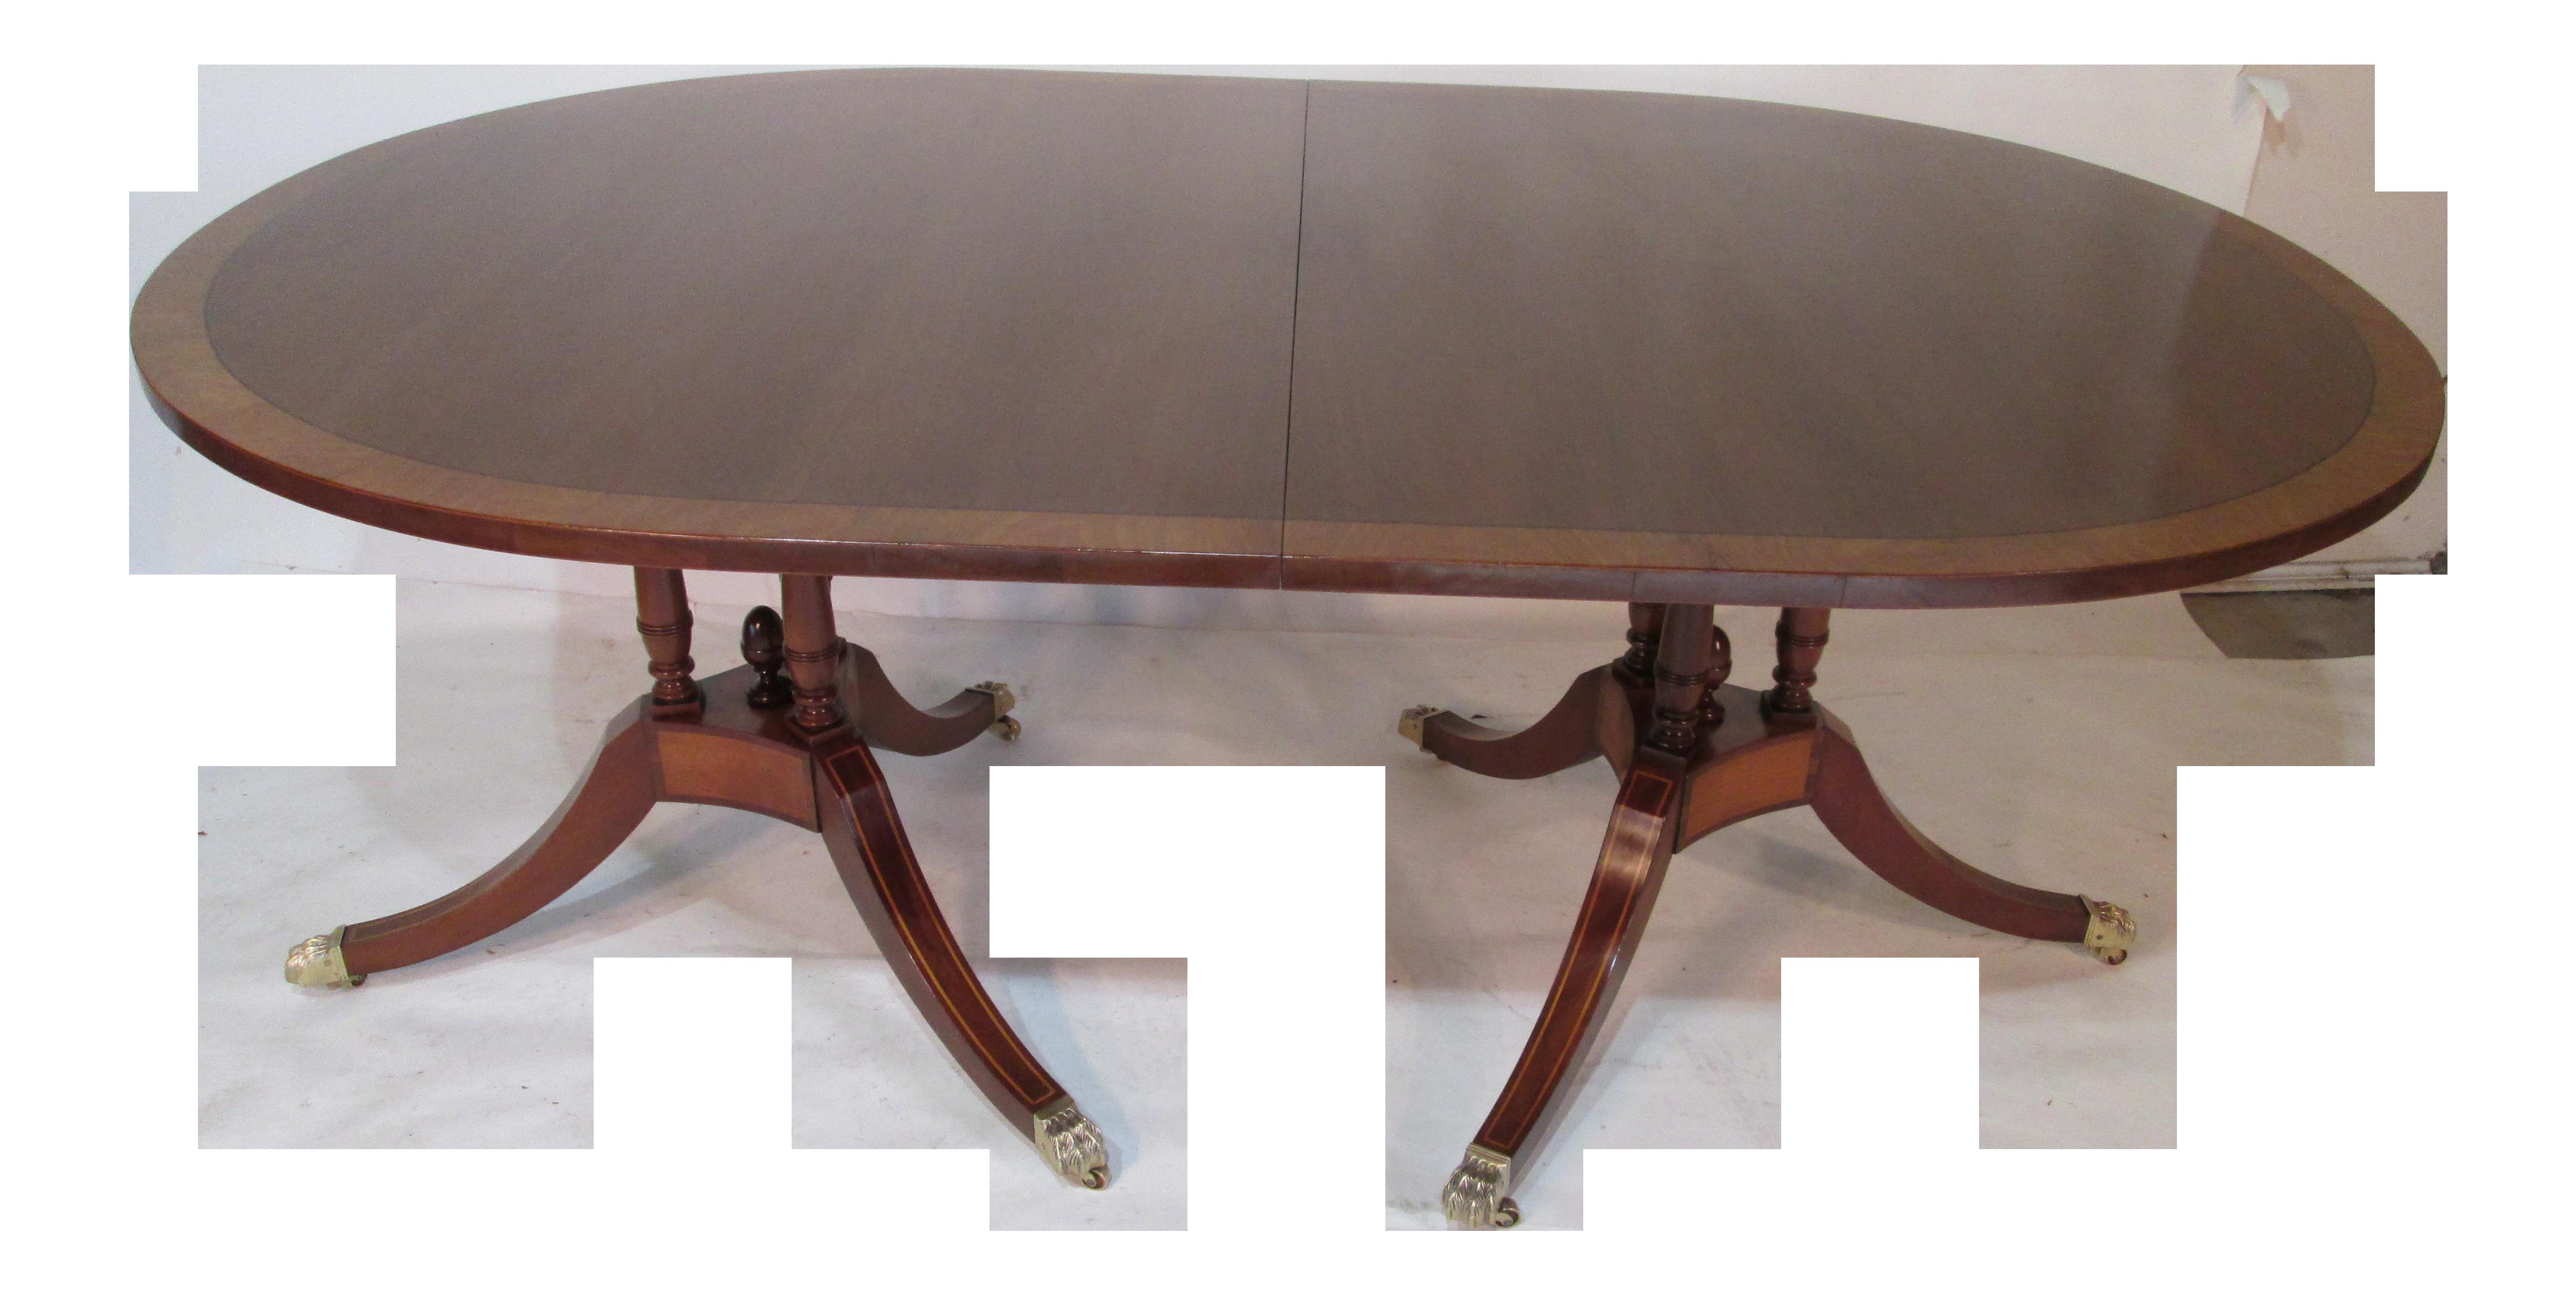 1940s Traditional Beacon Hill Mahogany Dining Table